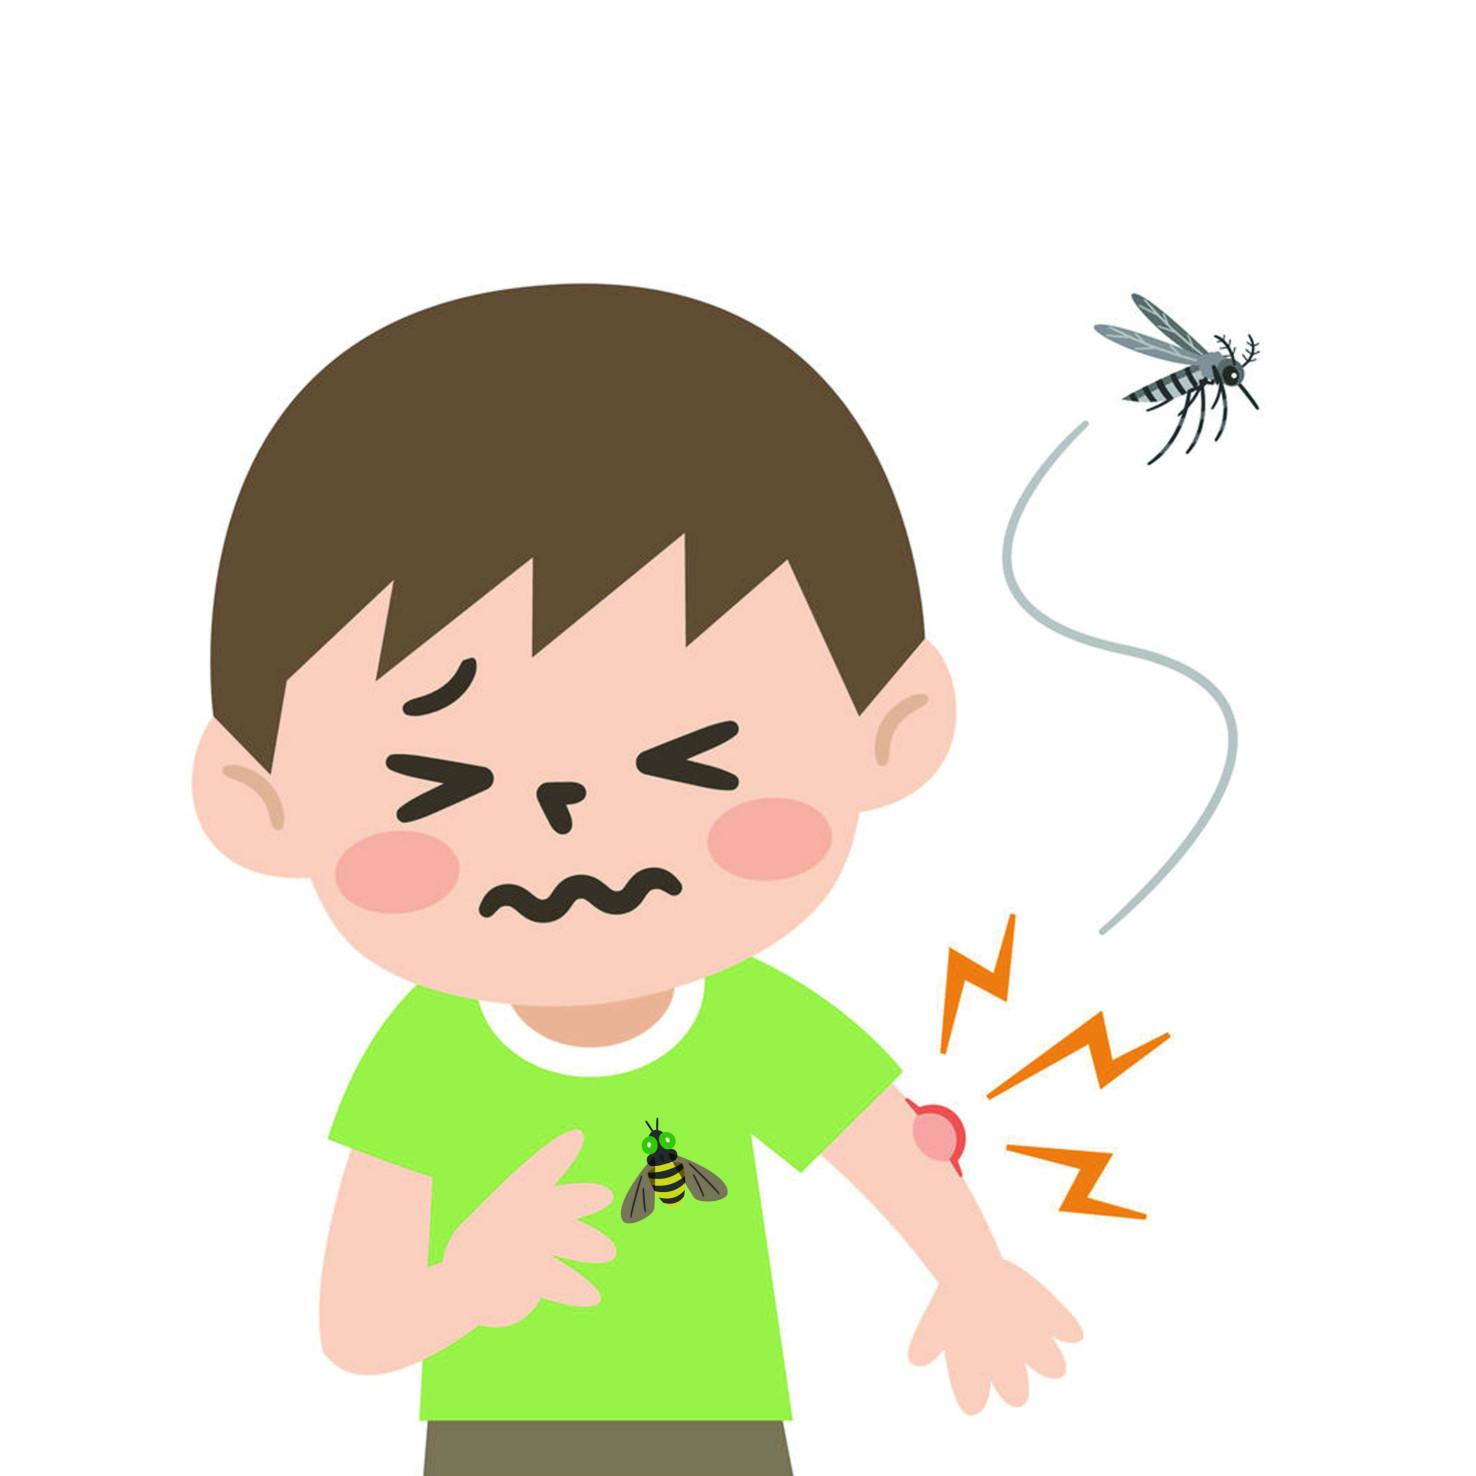 一般來說,公寓的高層很難生長蟲子。昆蟲的起源多在離地面很近的地方,很難靠自己的力量飛到刮大風的高樓層,也很難藉由外牆爬行上去。